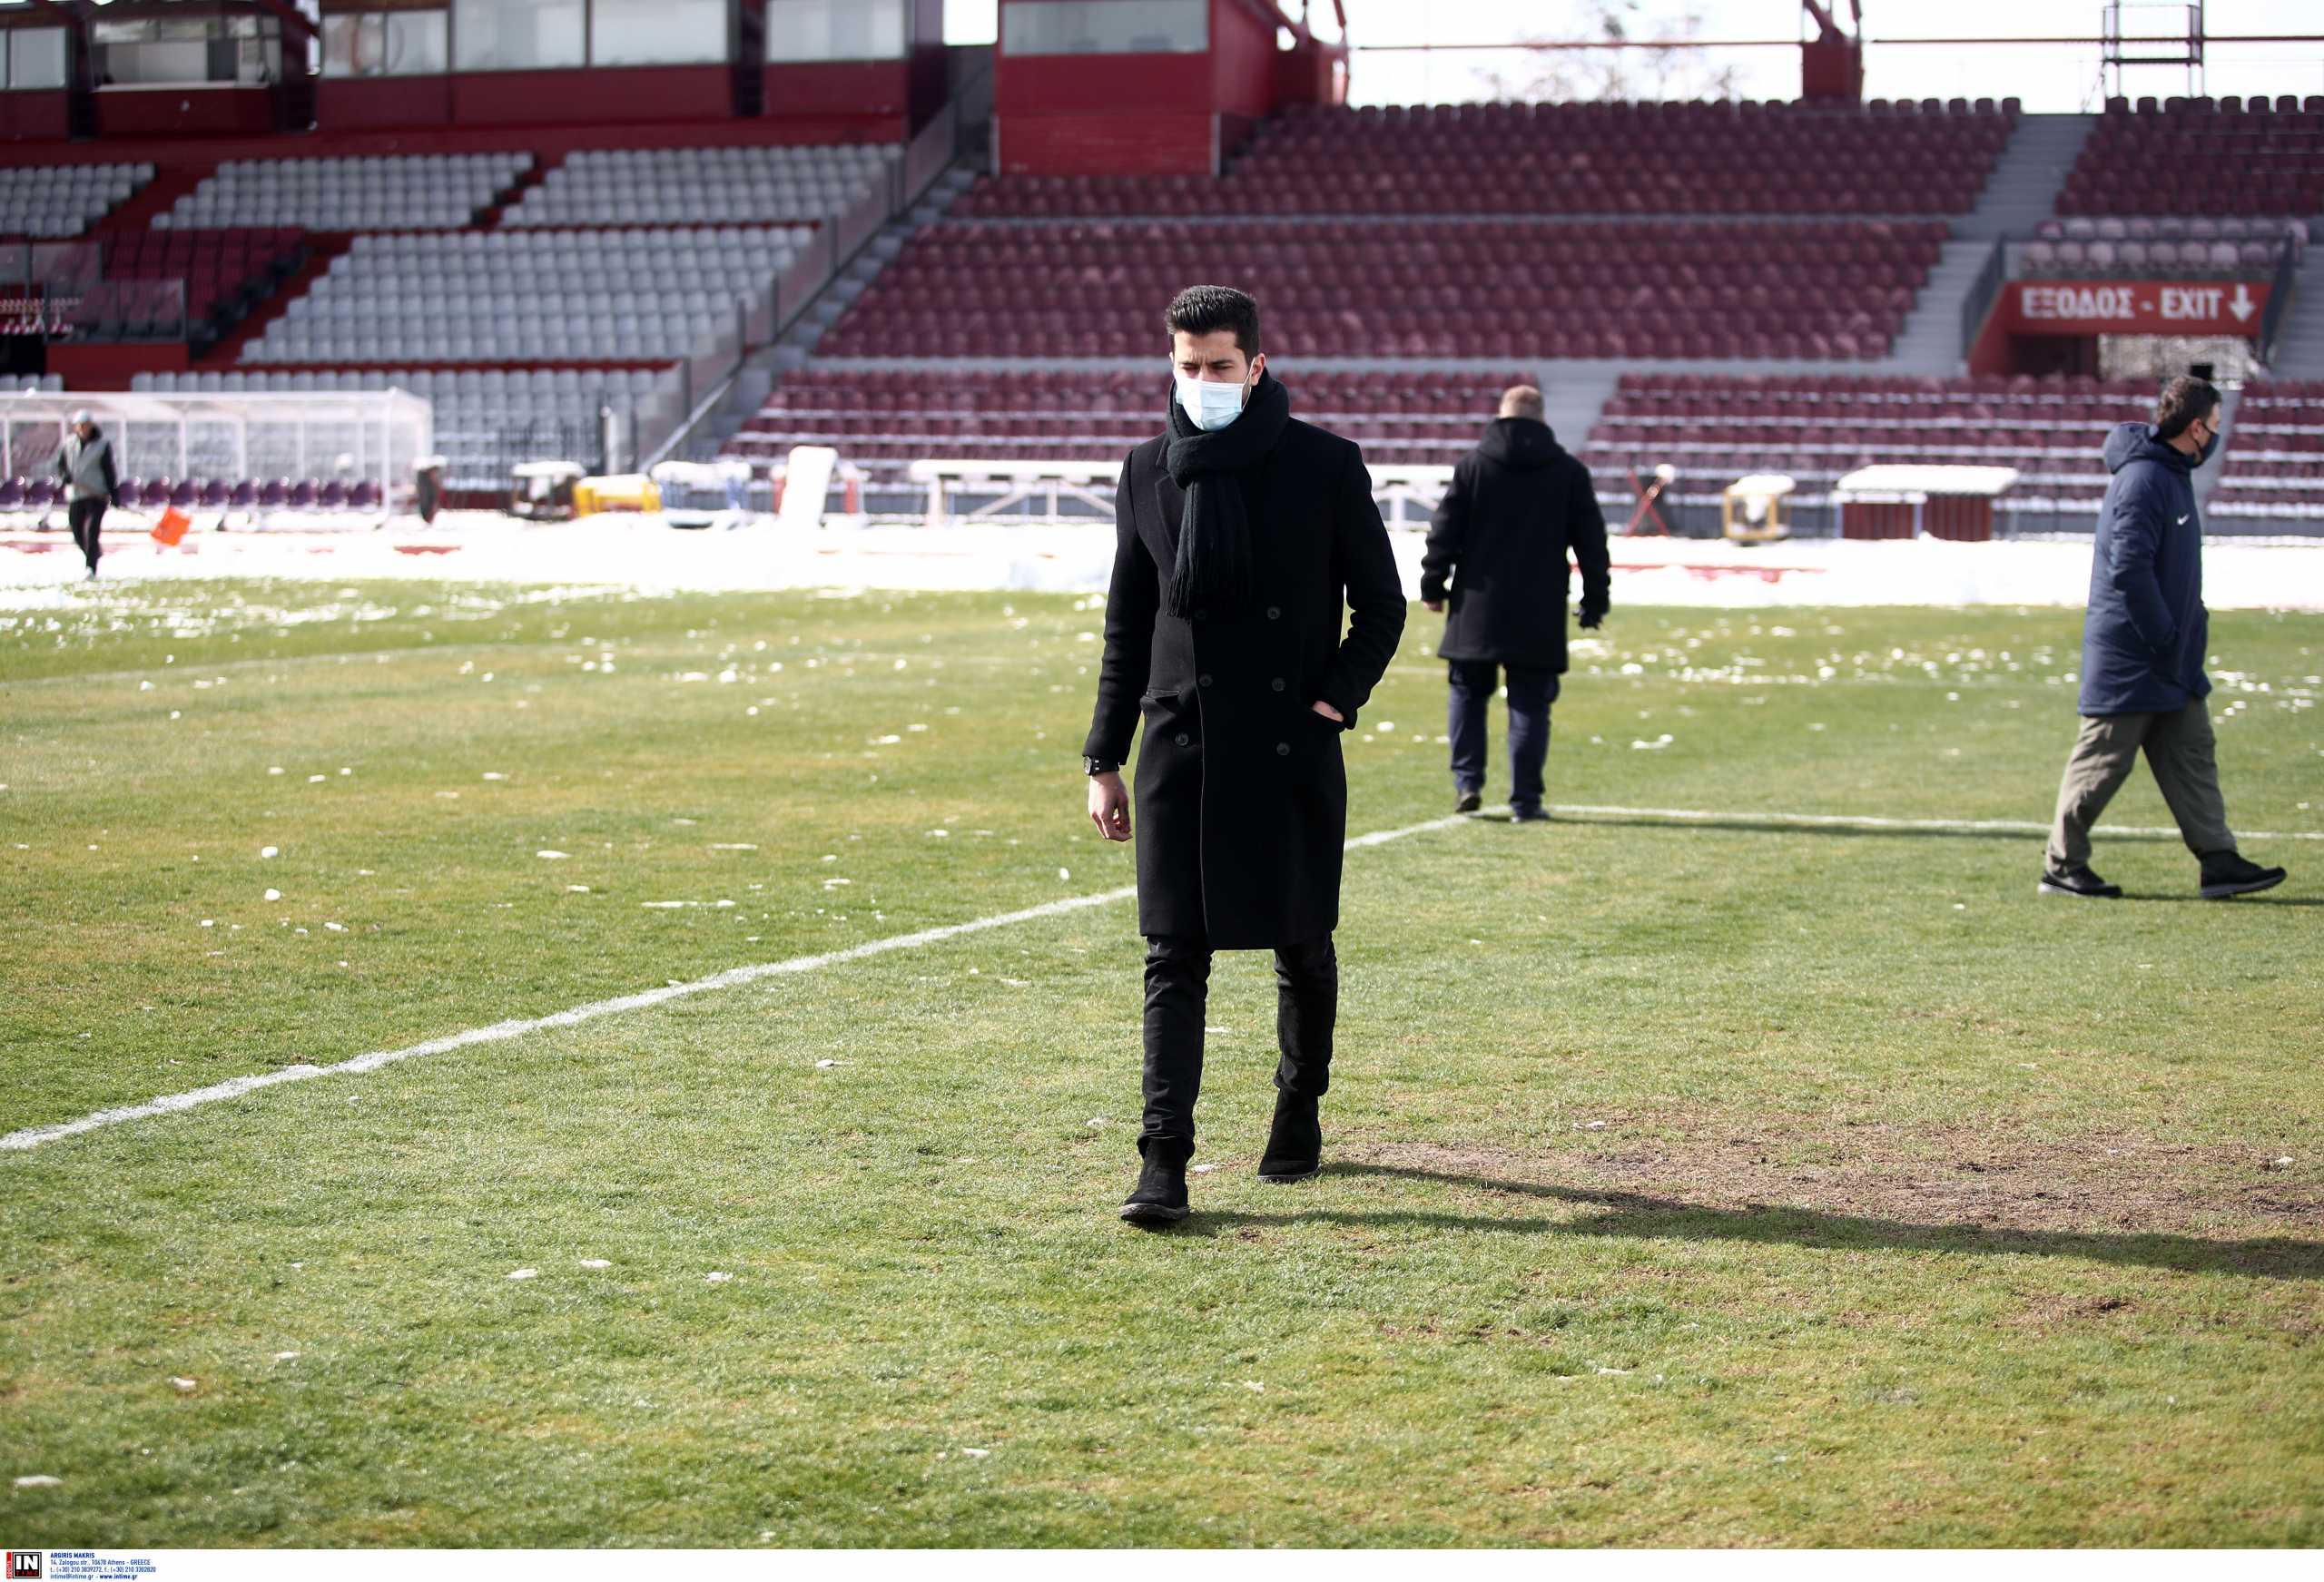 ΑΕΛ – ΑΕΚ: Καθαρό το γήπεδο και όλα δείχνουν σέντρα